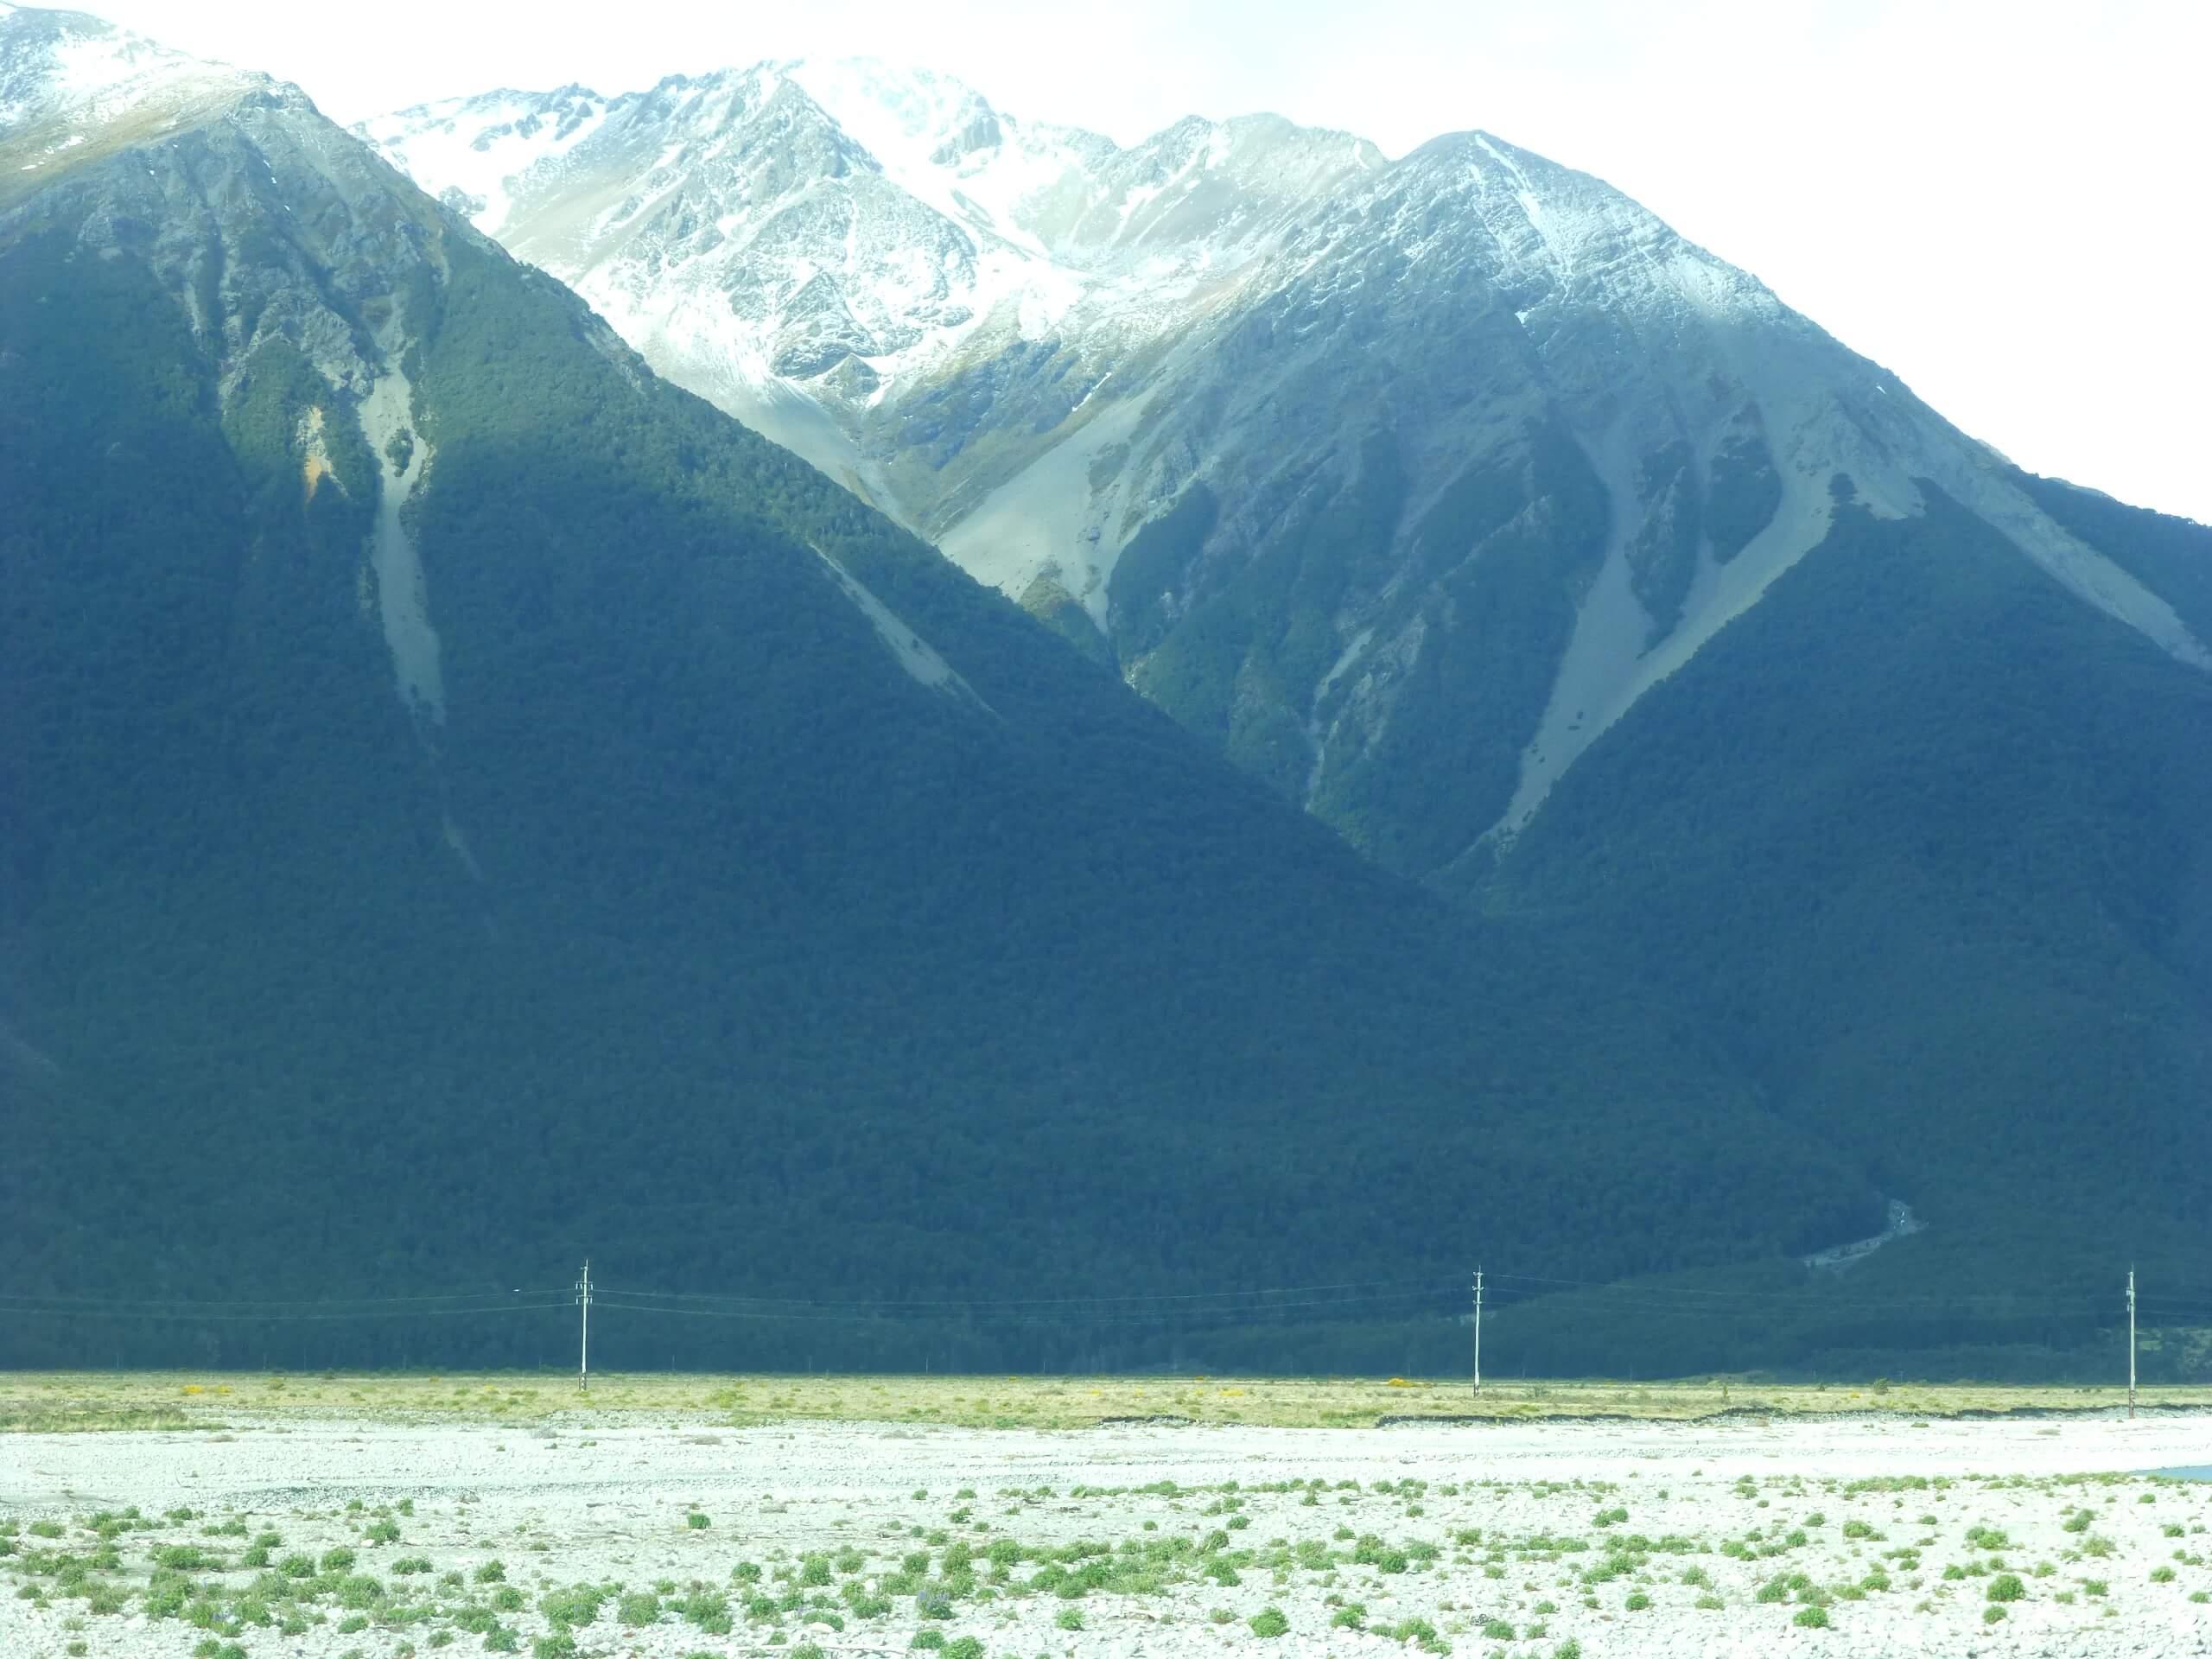 am Waimakariri River, S37 bei Arthurs Pass 4